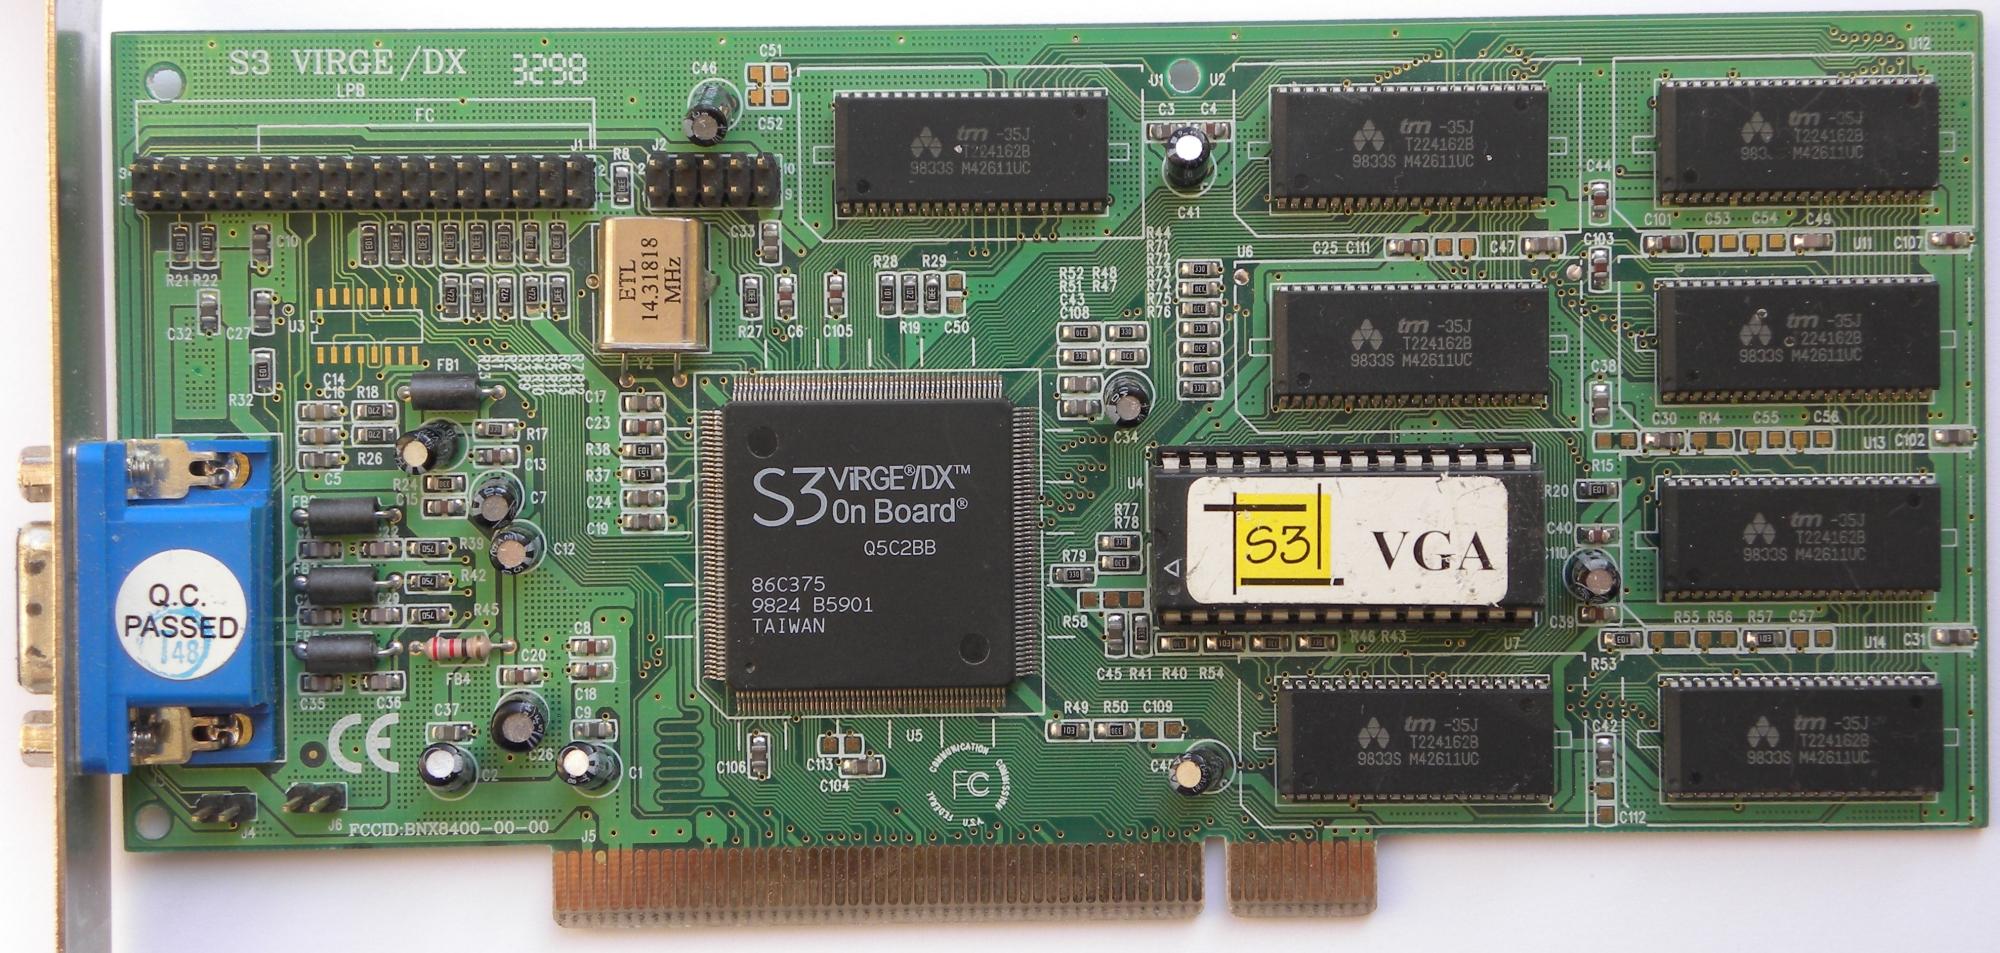 biometric coprocessor driver dell d620 windows xp